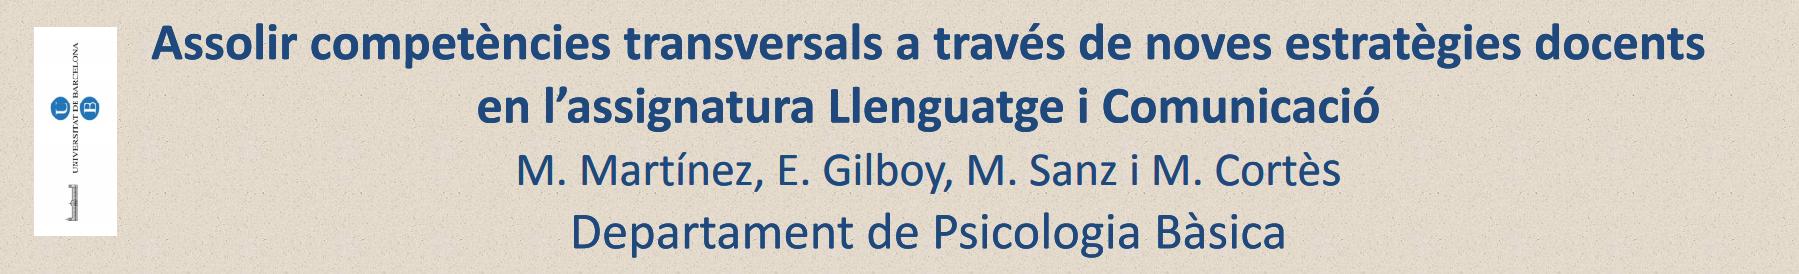 Assolir competències transversals a través de noves estratègies docents en l'assignatura Llenguatge i Comunicació